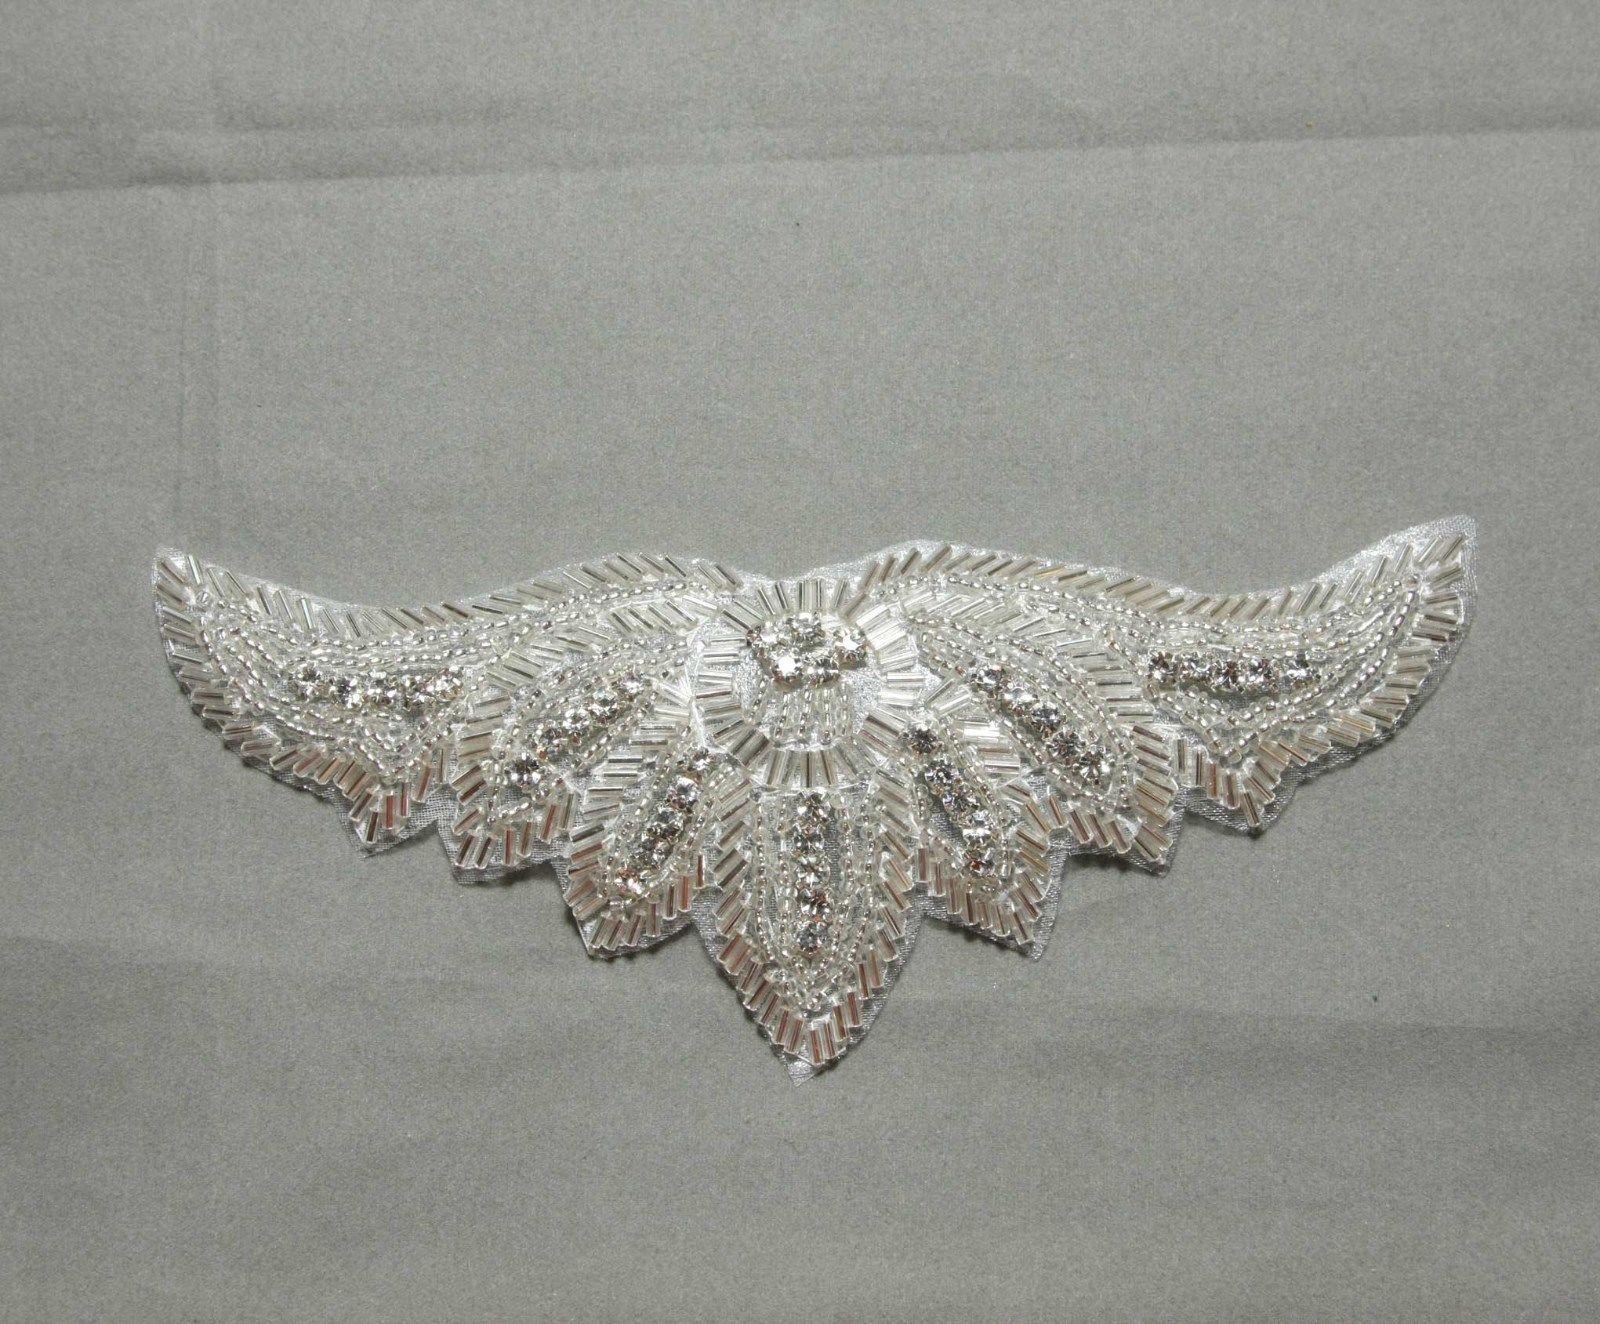 Sew iron crystal rhinestone sash wedding bridal gown wing applique